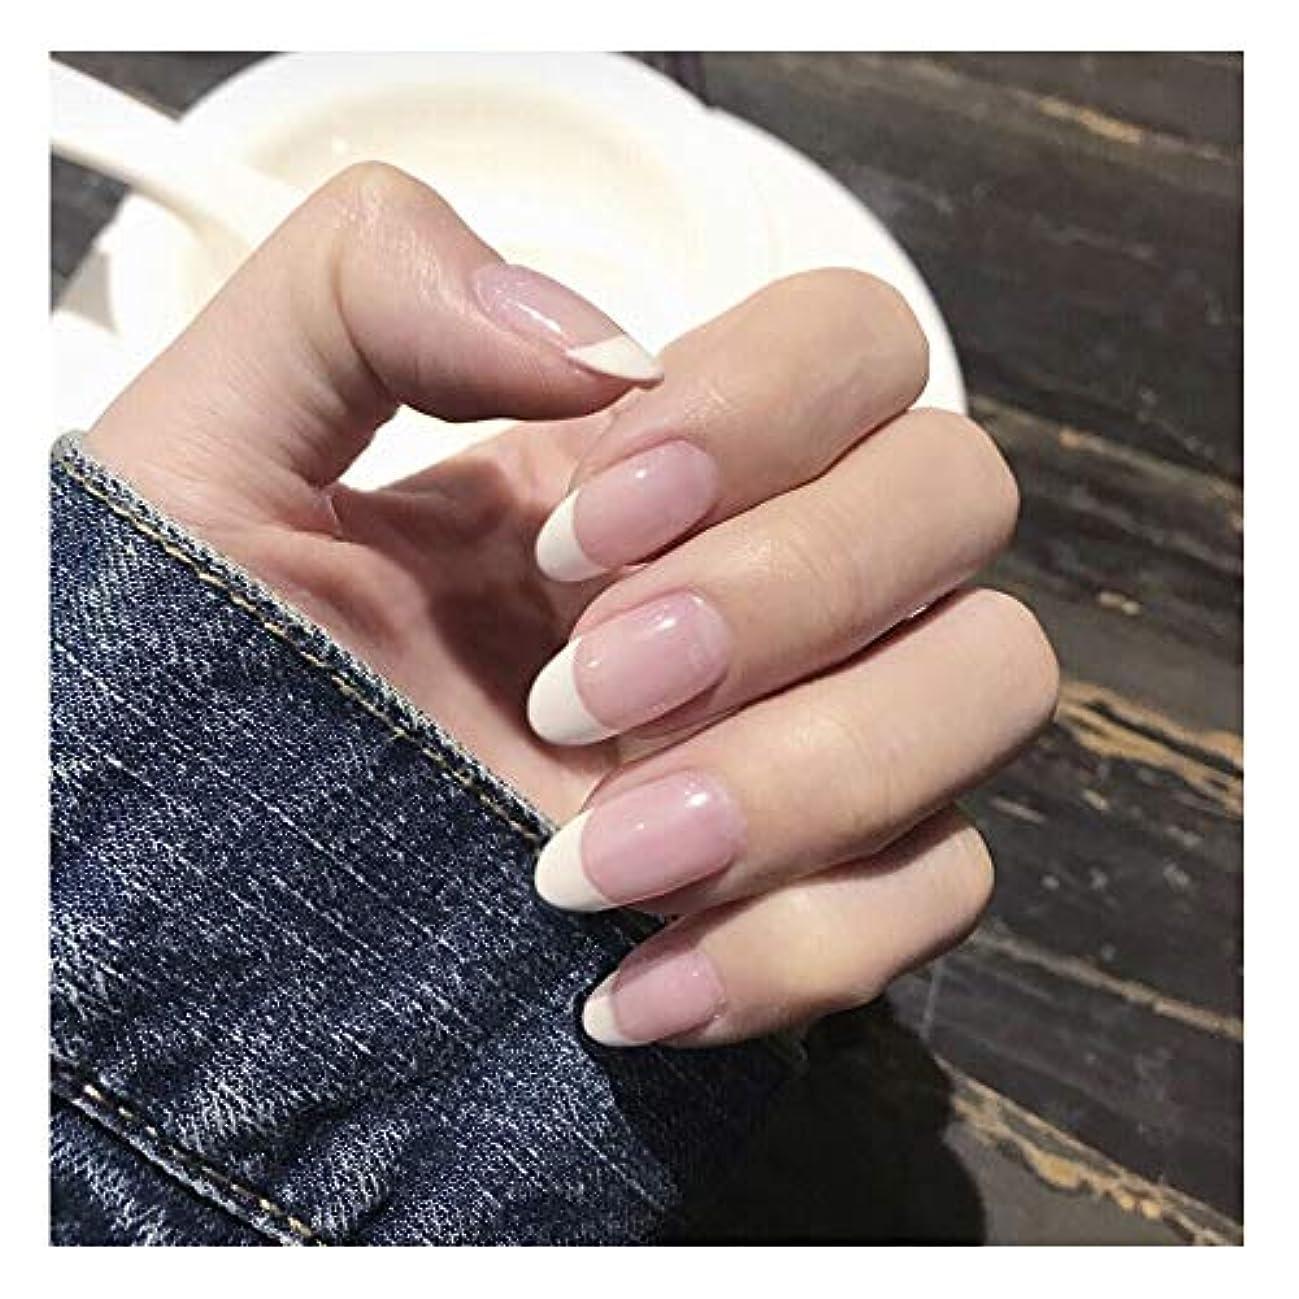 シャー法律により悲しいことにBOBIDYEE 透明ピンク+ホワイト下部偽爪ロングネイルズグルー完成ネイル偽爪を指摘しました (色 : 24 pieces)